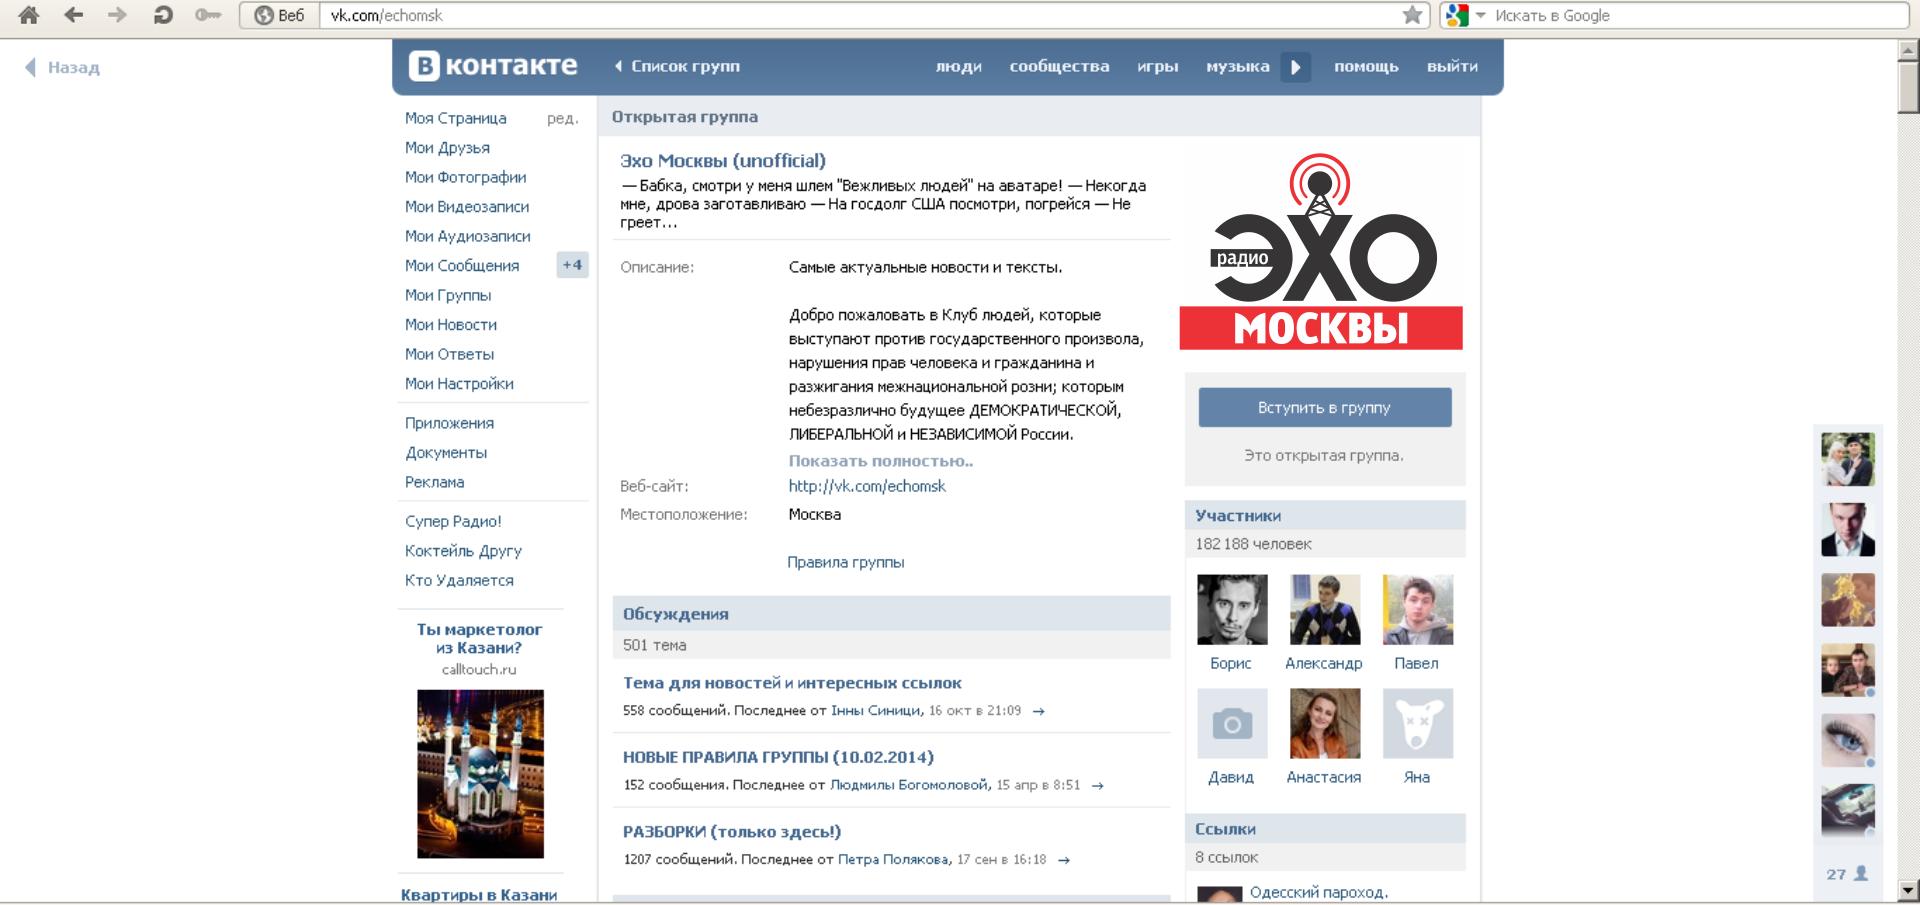 Дизайн логотипа р/с Эхо Москвы. фото f_0315625e47894e79.png